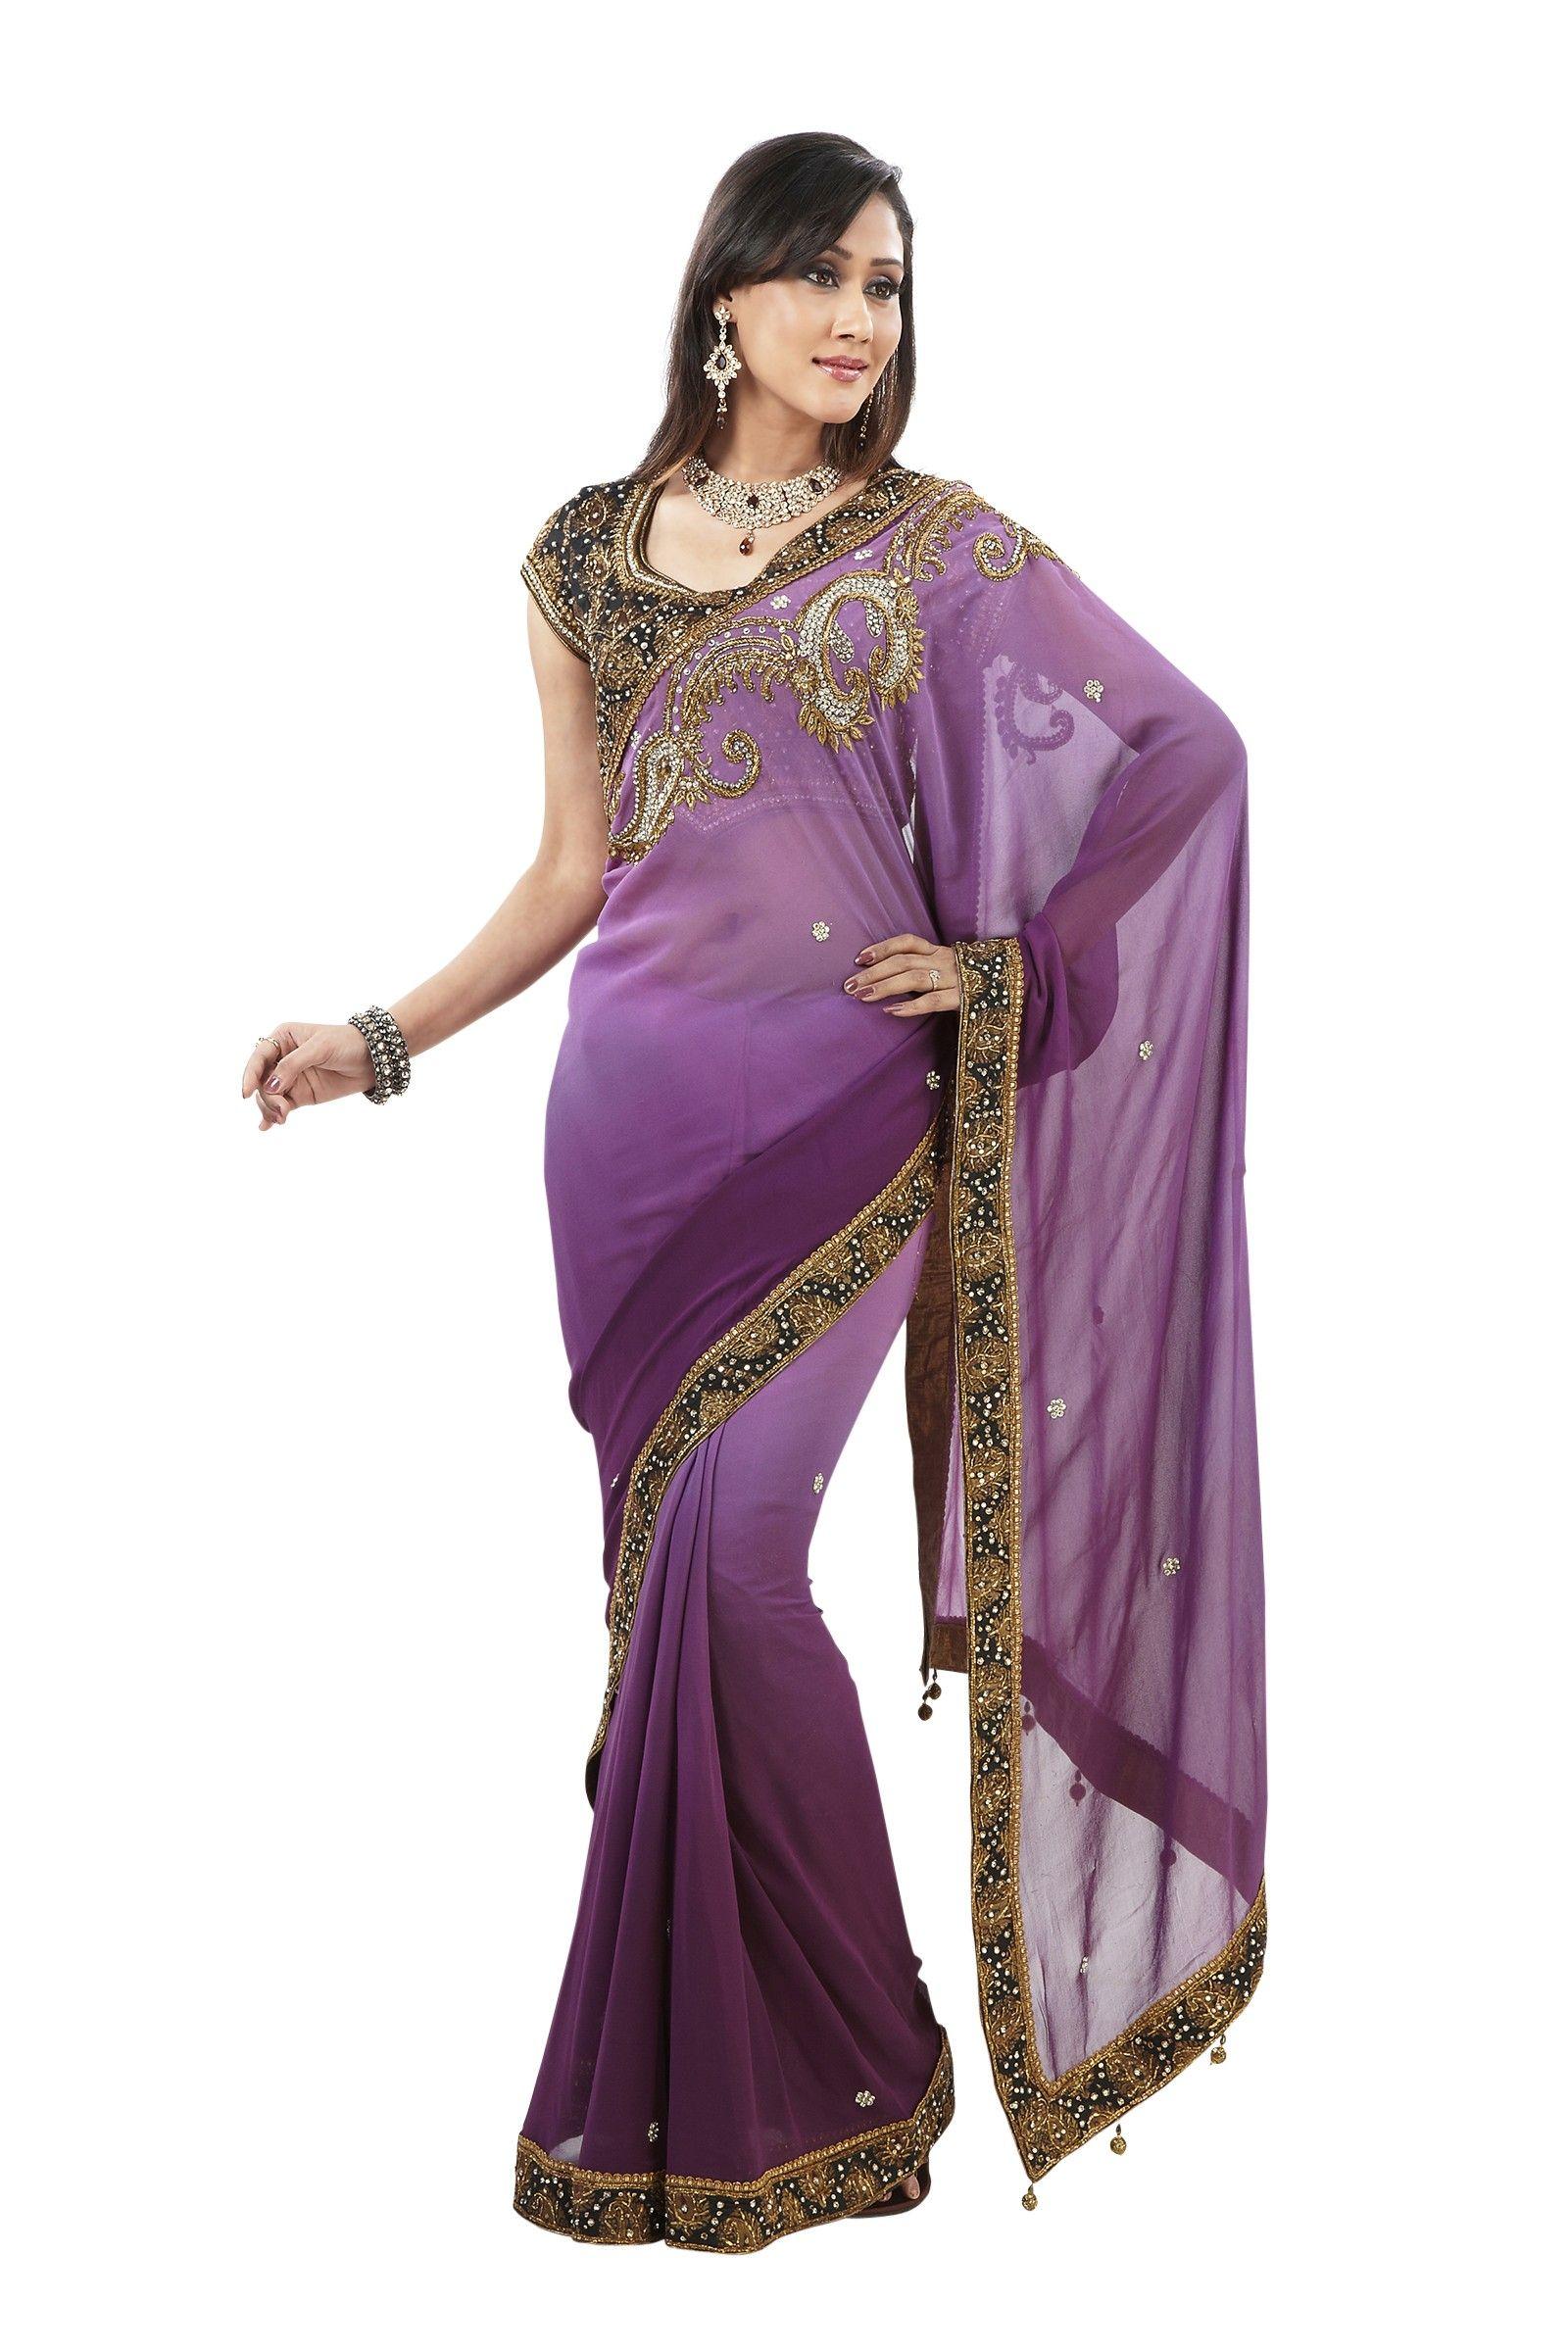 Saree images paithani lilac orchard saree  indian culturefashion  pinterest  saree